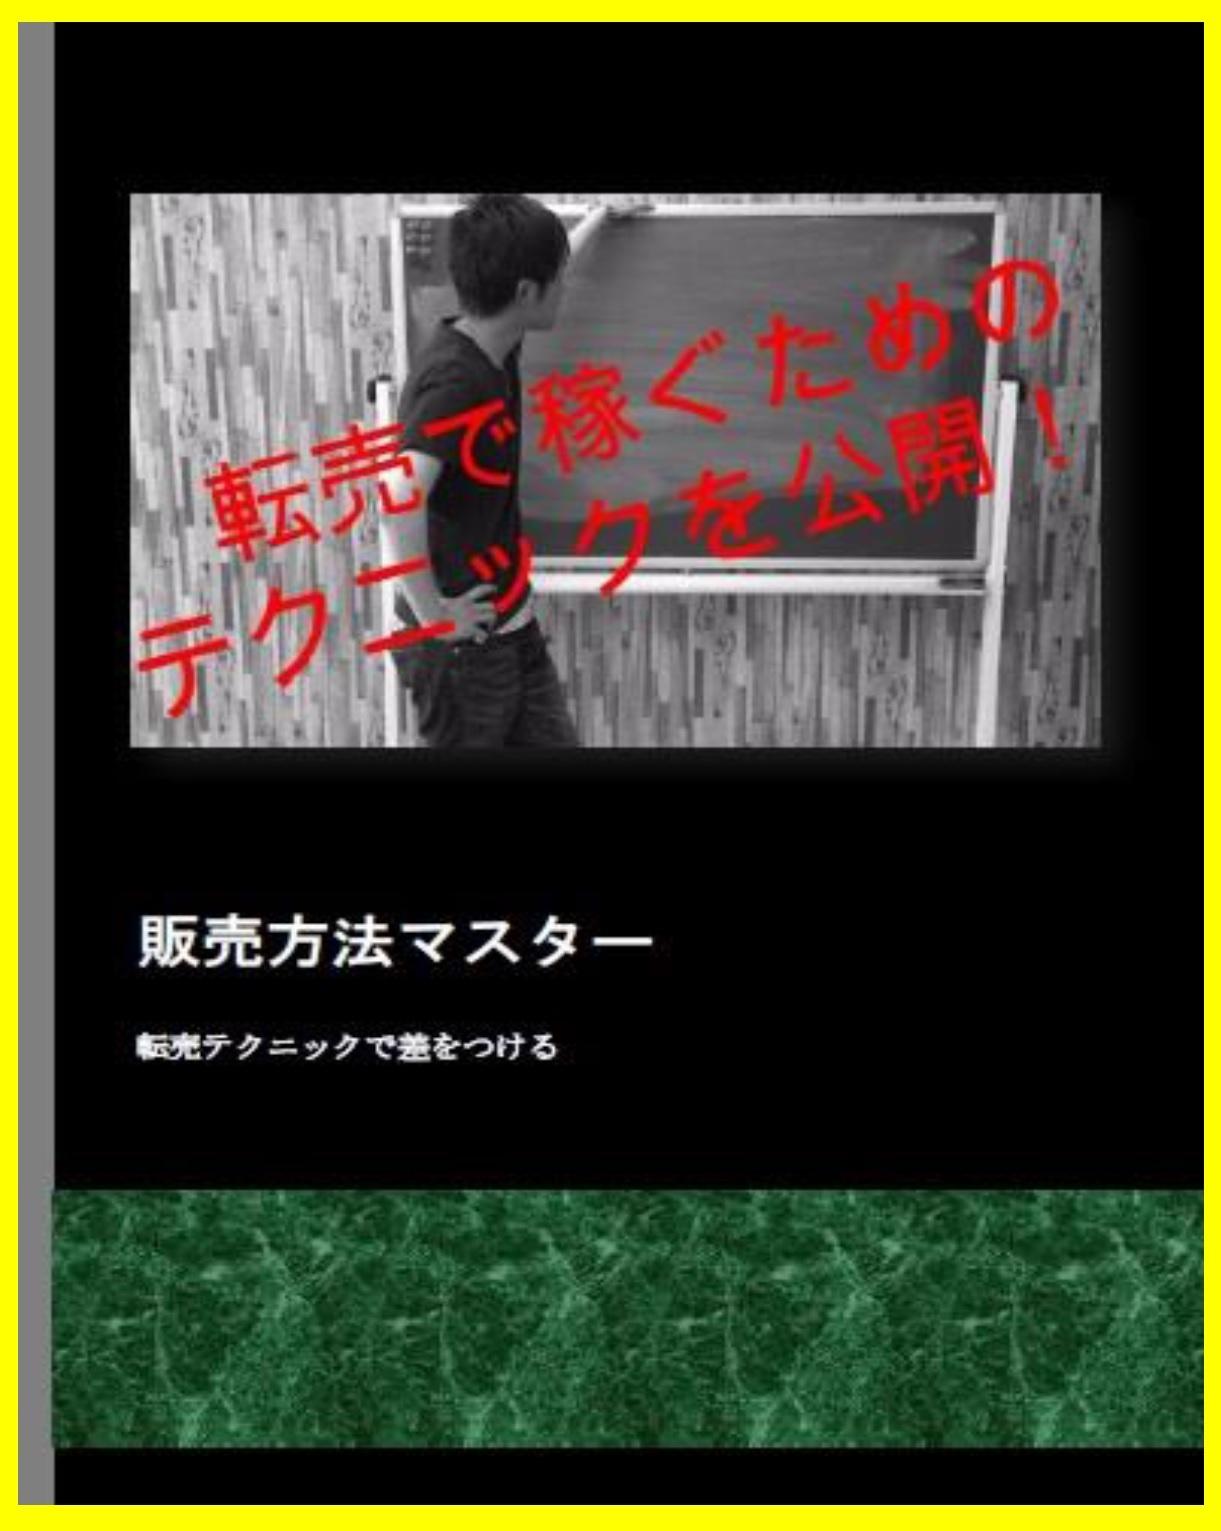 【完売】500円で放出中! 販売方法マスター 【先着30名様限定サービス】